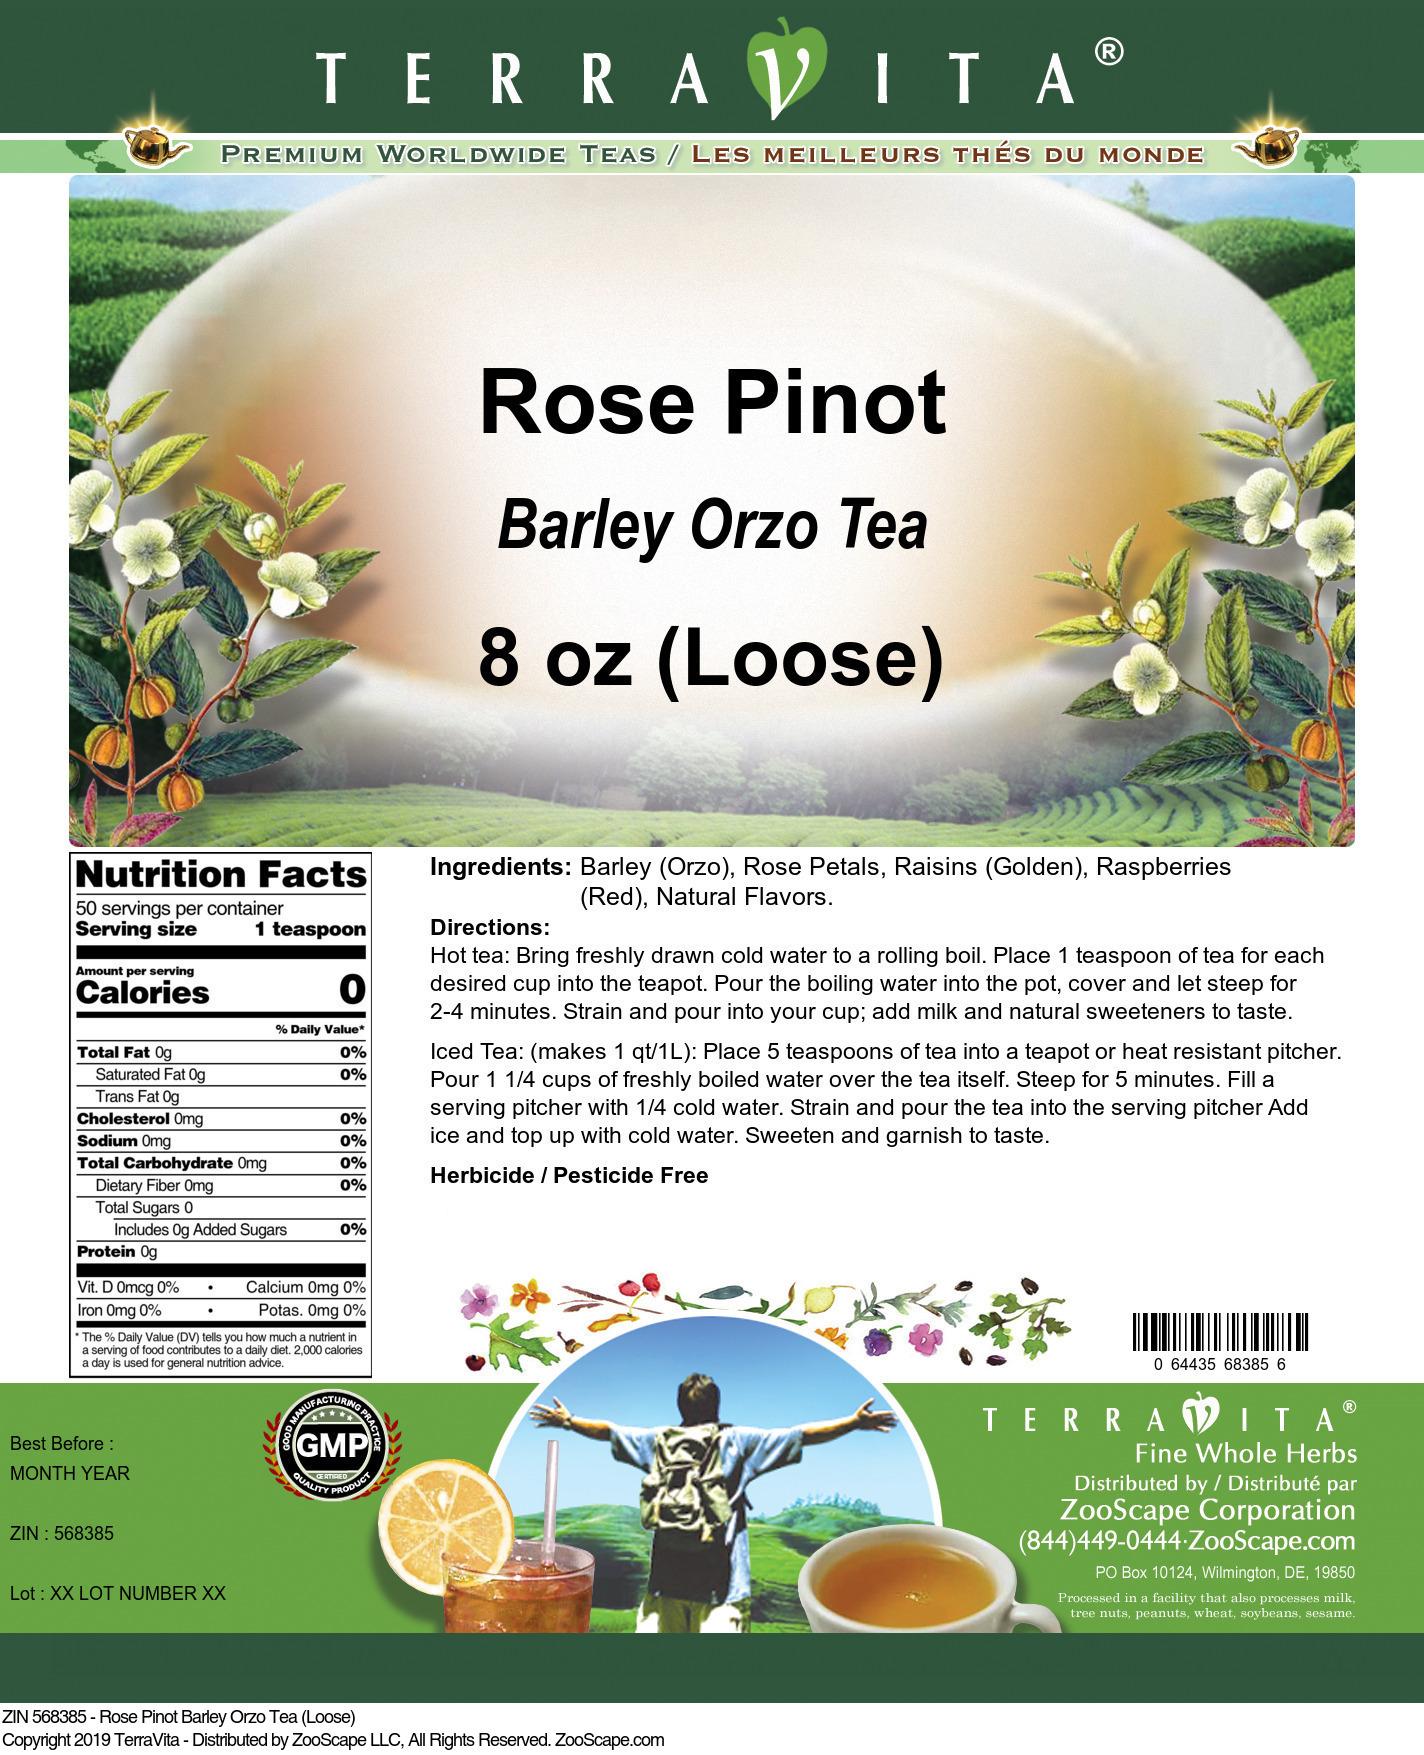 Rose Pinot Barley Orzo